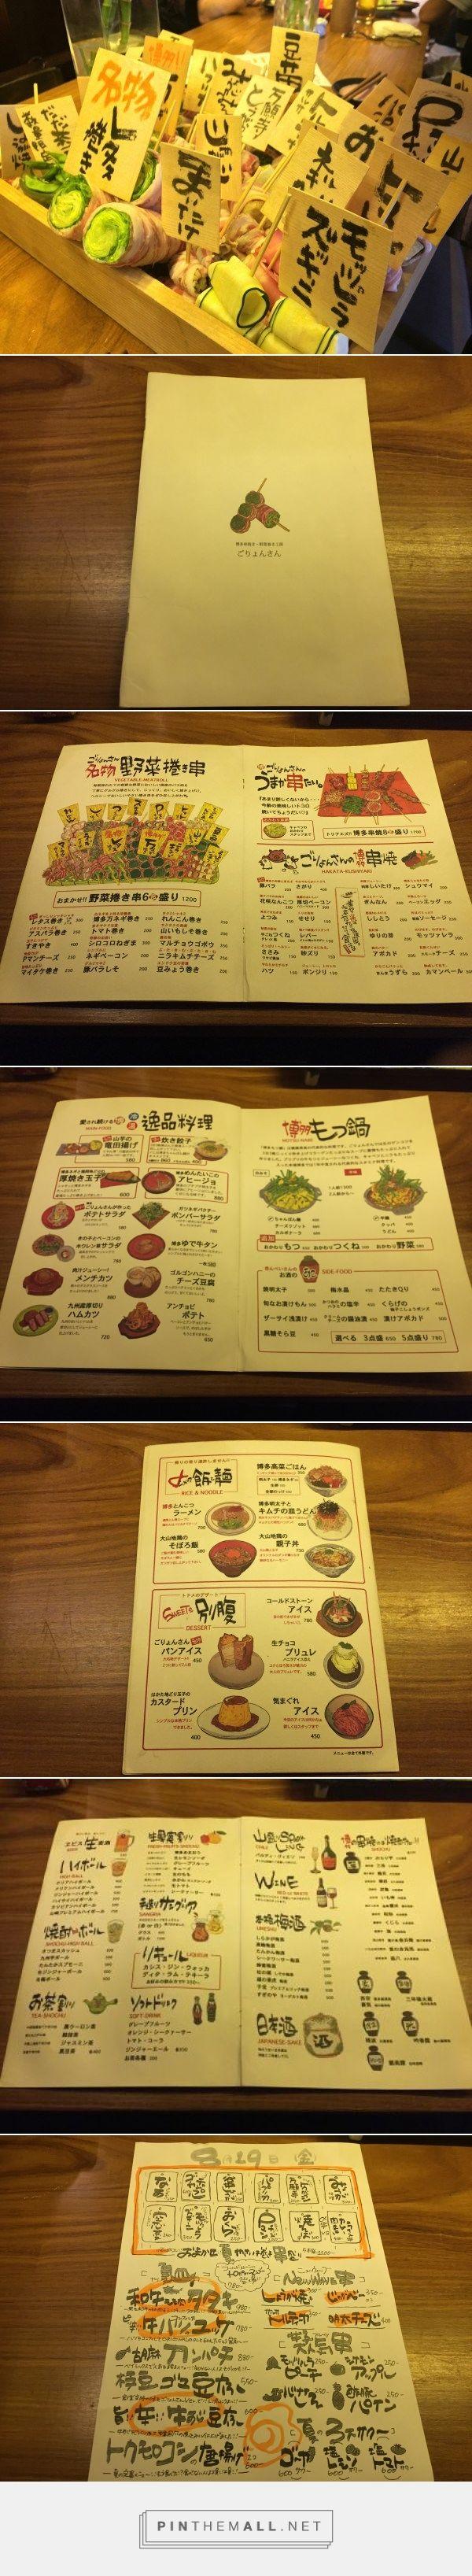 名物料理を鮮度抜群なサプライズで演出!博多串焼きの店、ごりょんさん。 | メニューデザイン研究所メディアサイト - created via…